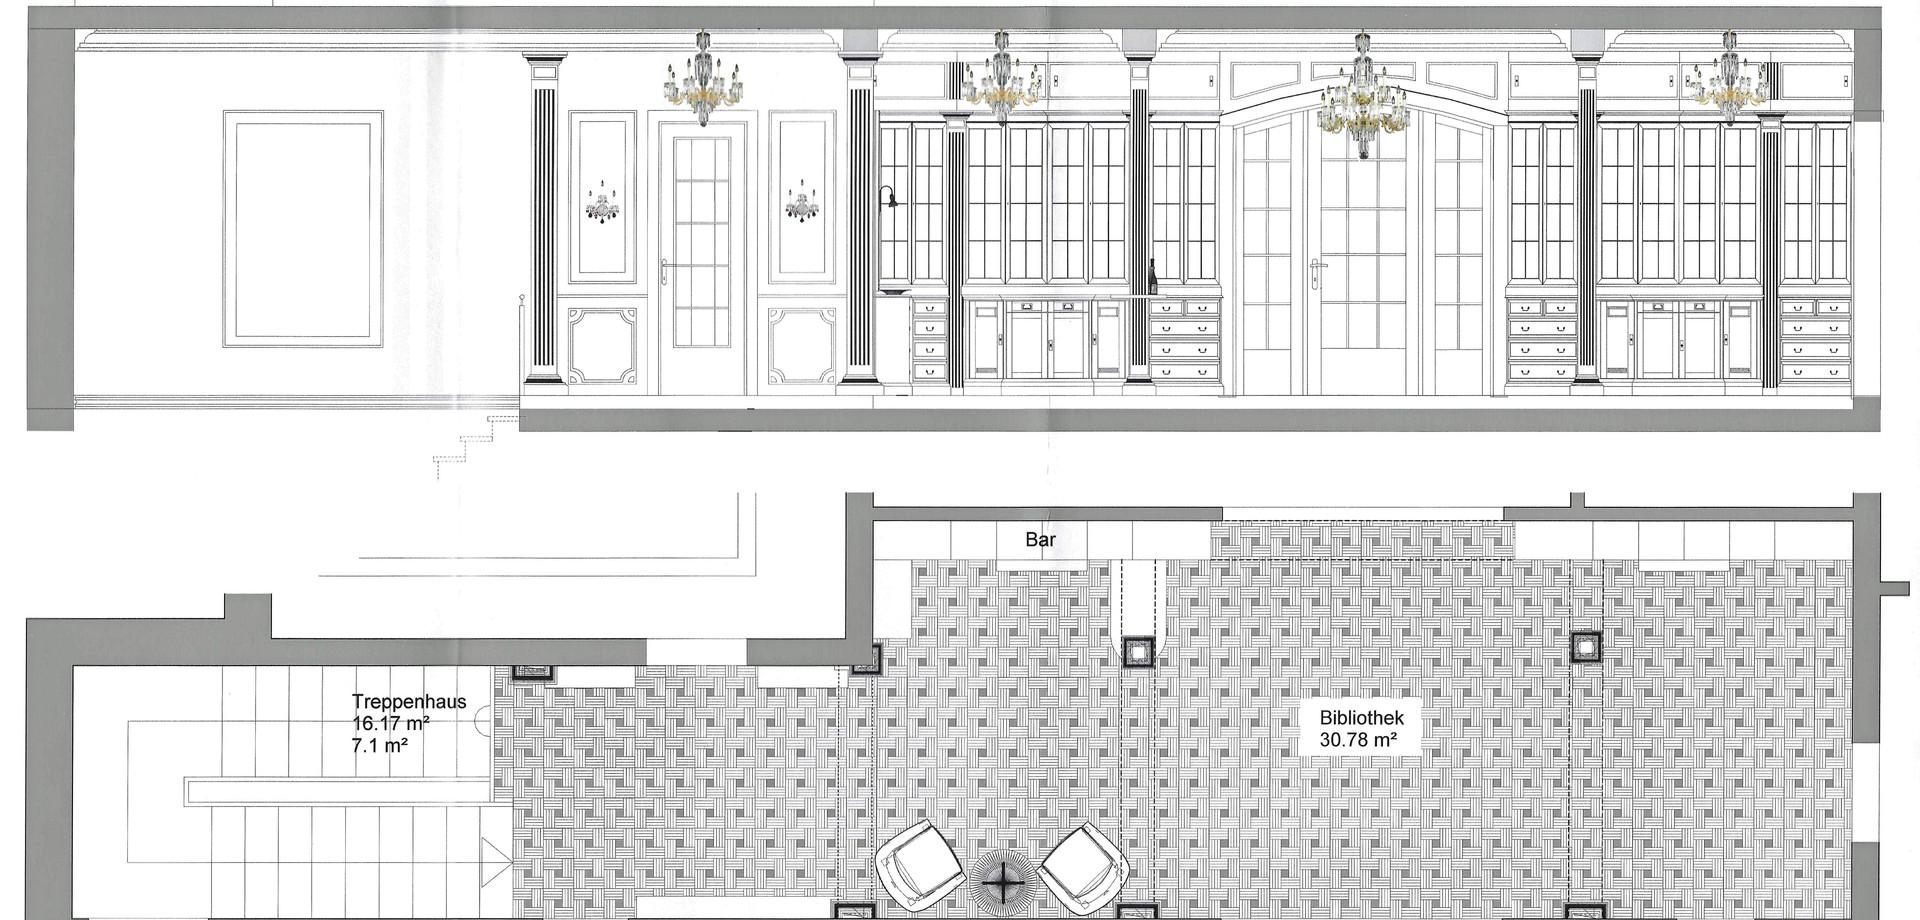 Boden- und Wandabwicklung Bibliothek